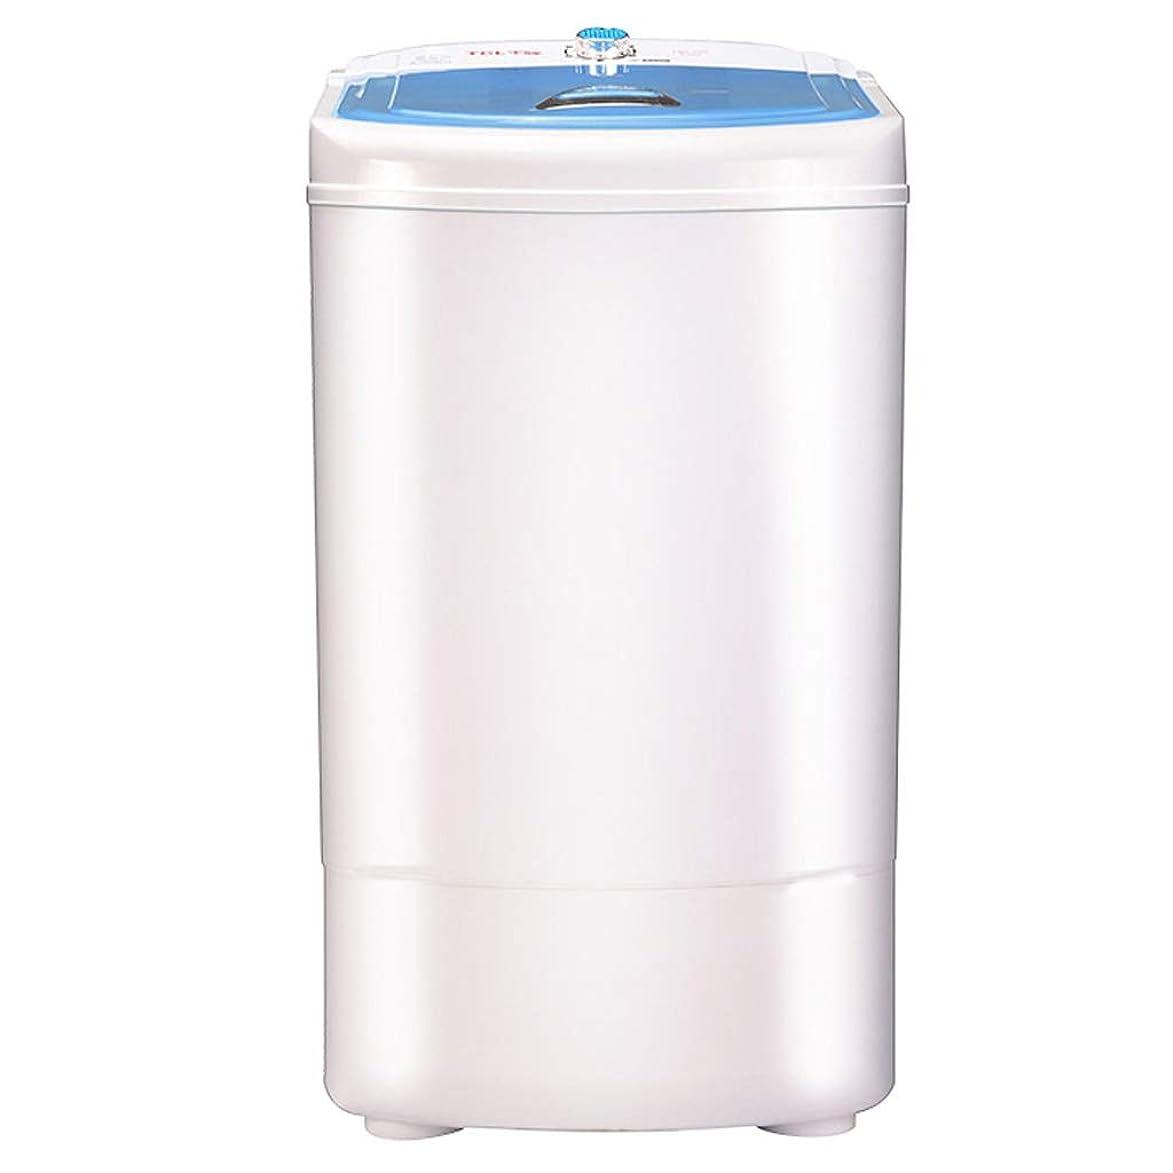 仮説暖かく祝福する半自動 シングルバレル スピンドライヤー 8kgの容量、 家、寮、アパート、ワンボタン操作に最適